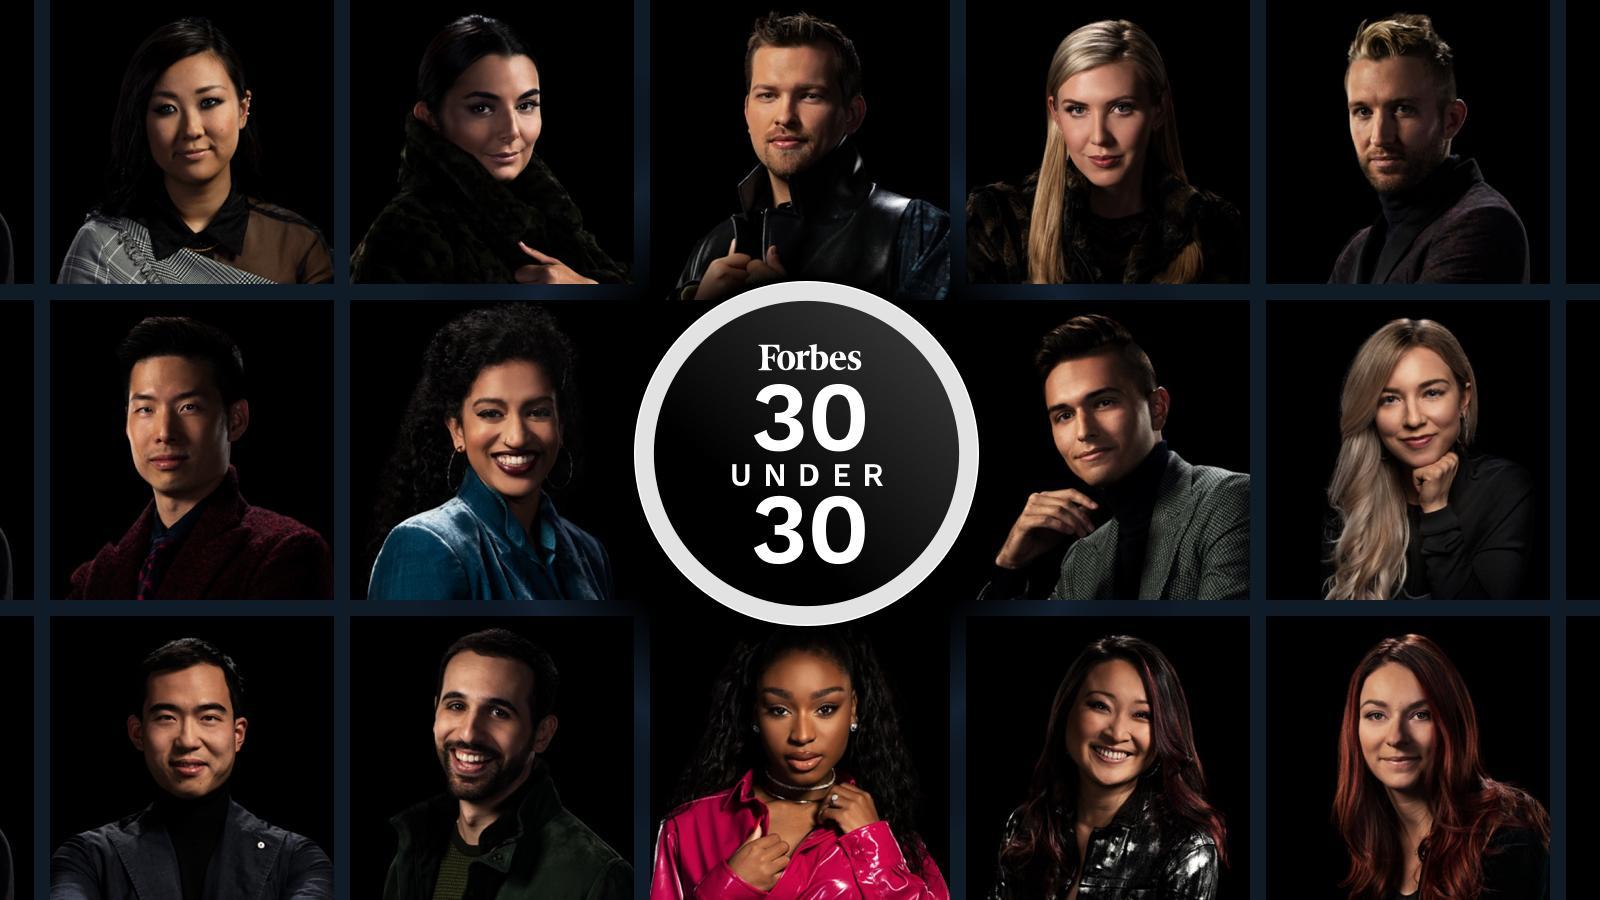 ผู้นำด้านคริปโตสิบคน มีใครบ้างติดอันดับ Forbes 30 Under 30 list ในปีนี้